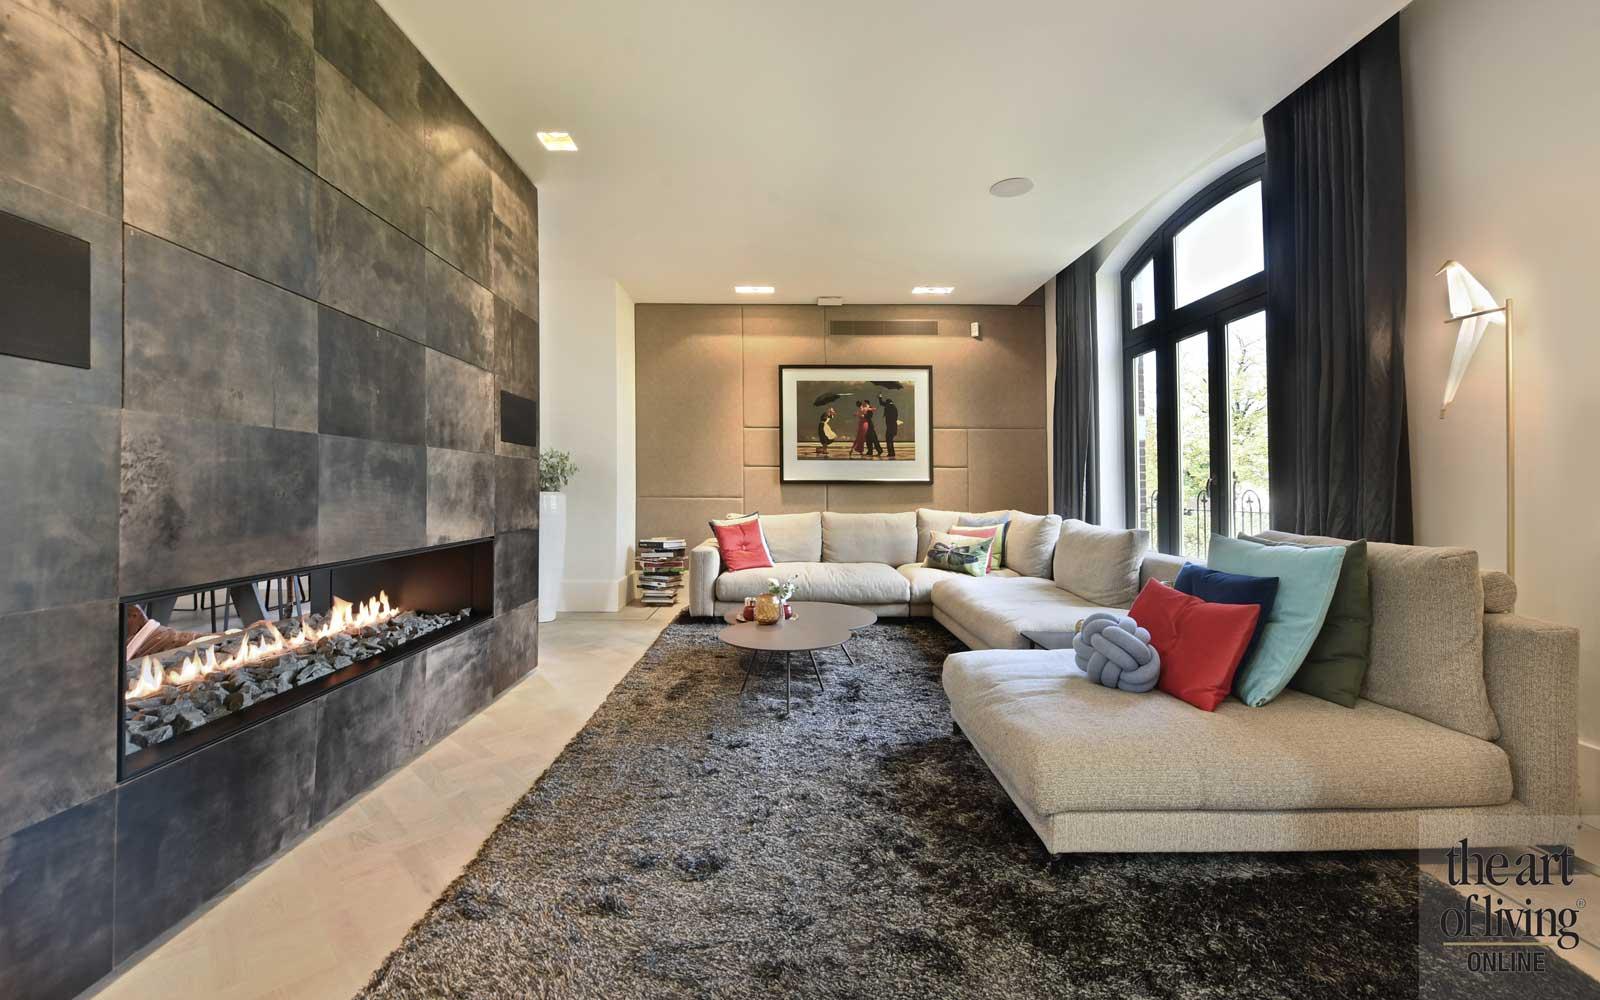 Penthouse | Loft Oisterwijk, the art of living